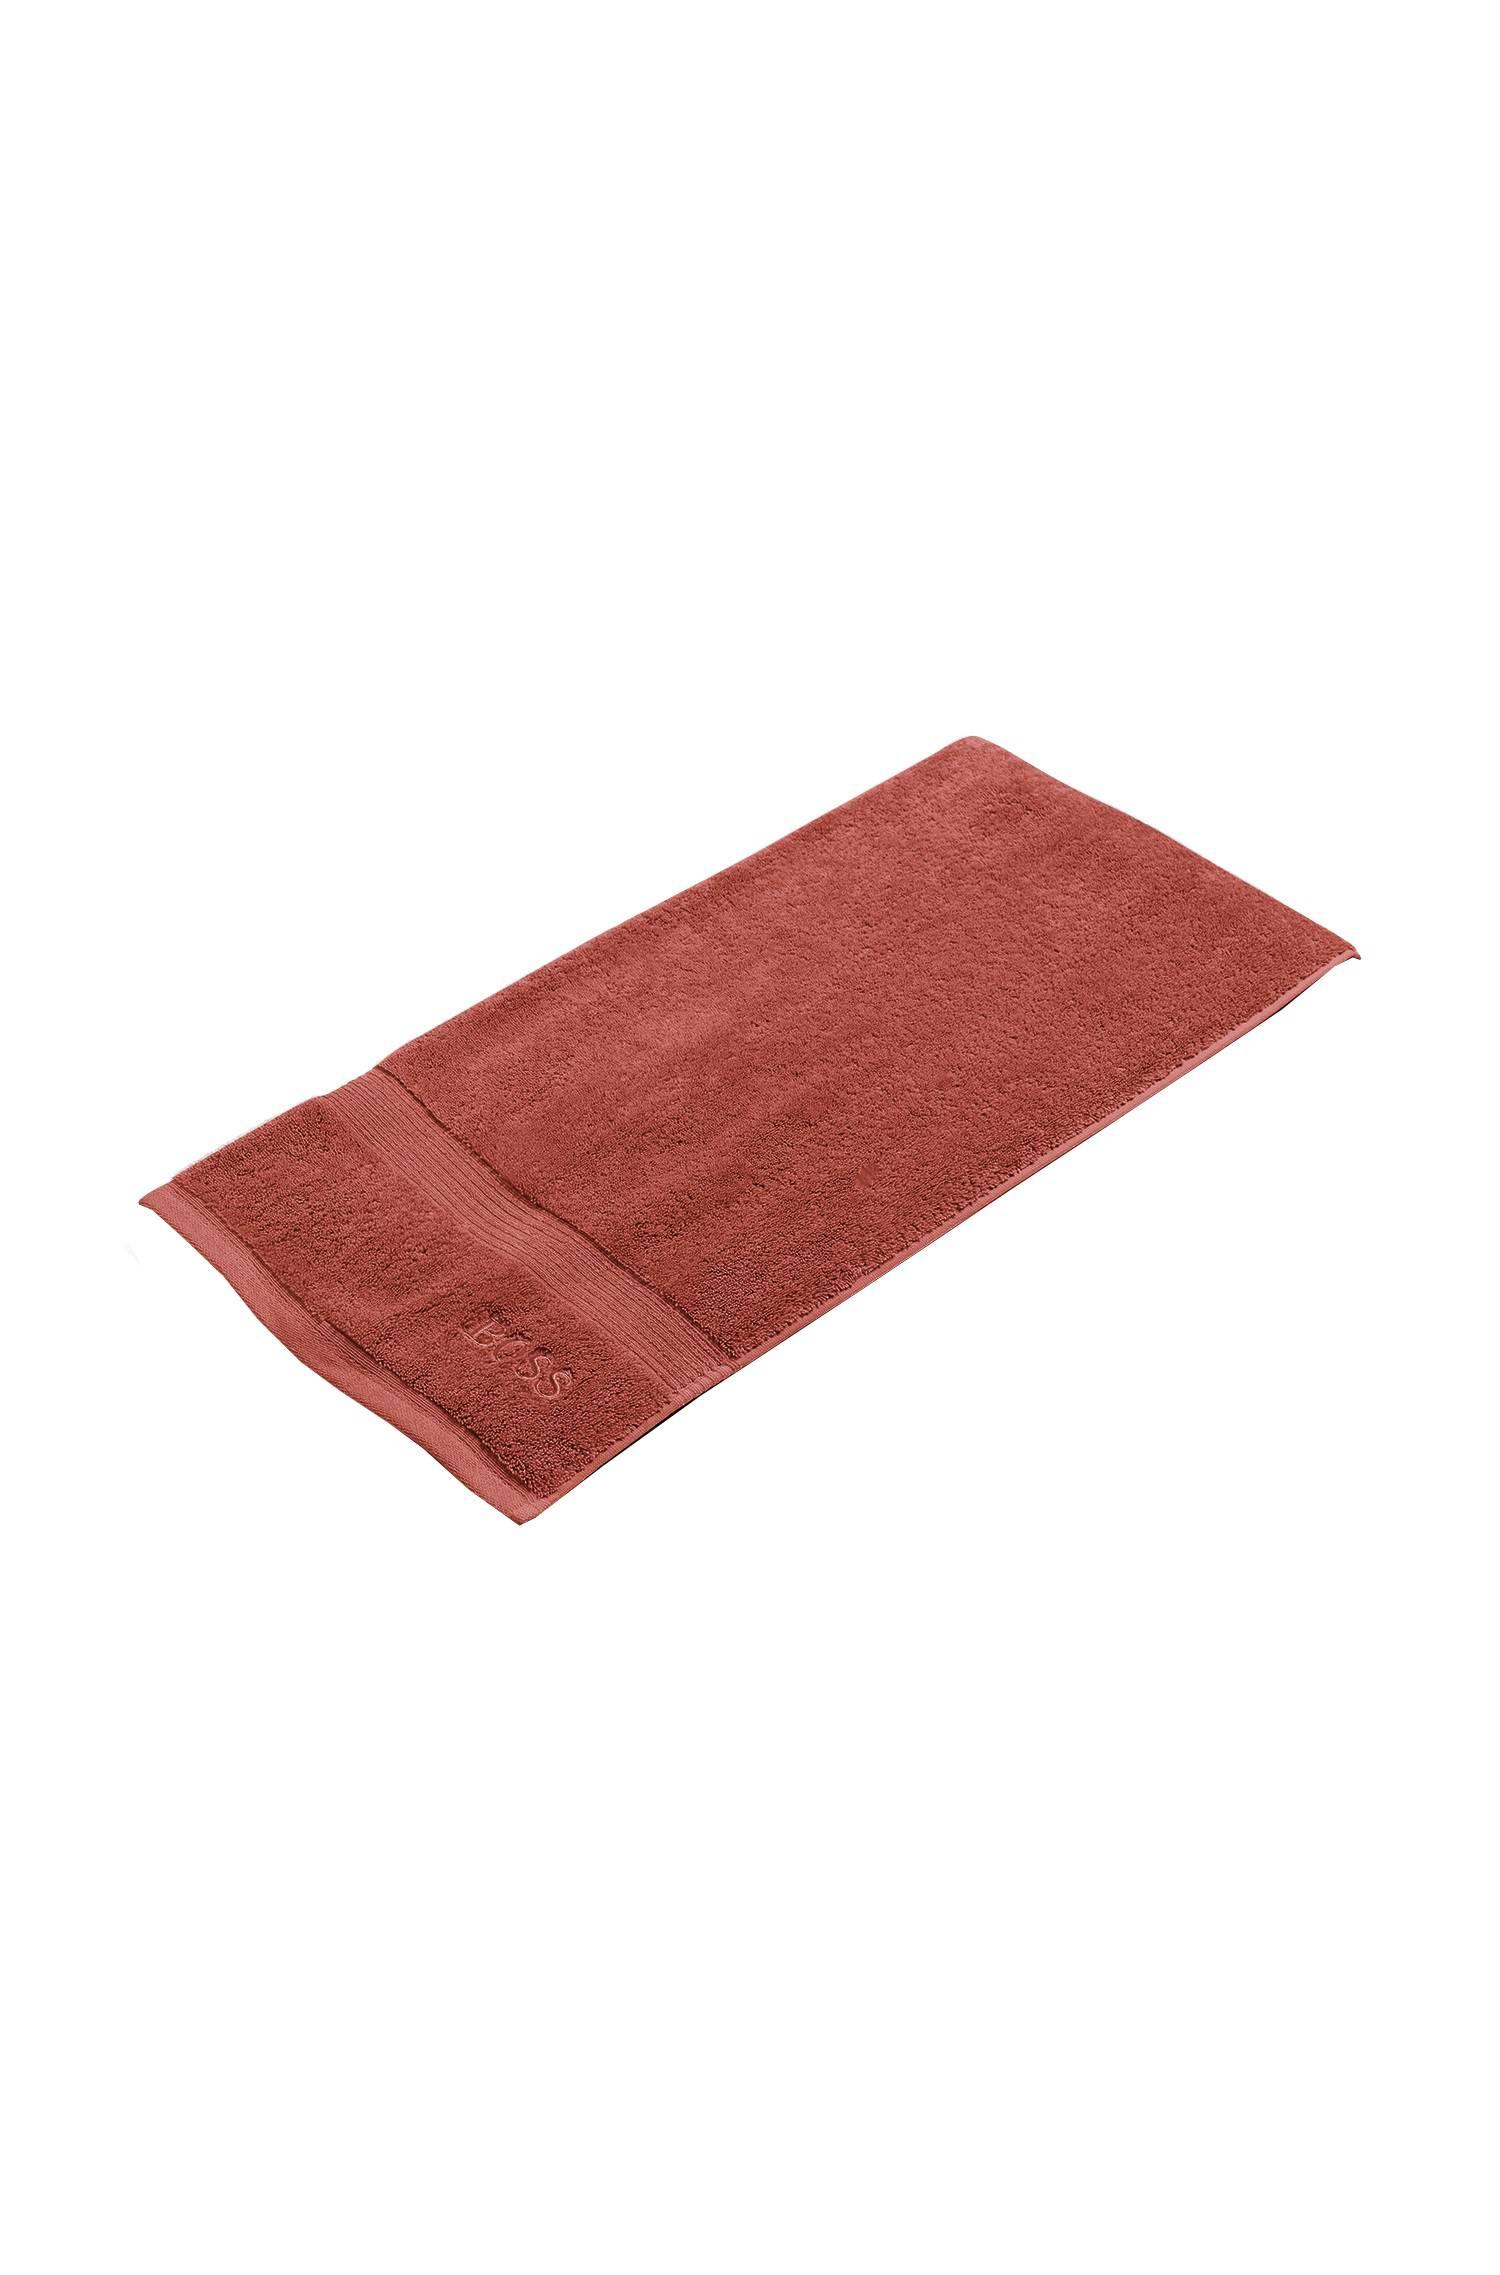 Shower towel `LOFT Serviette douch` cotton terry